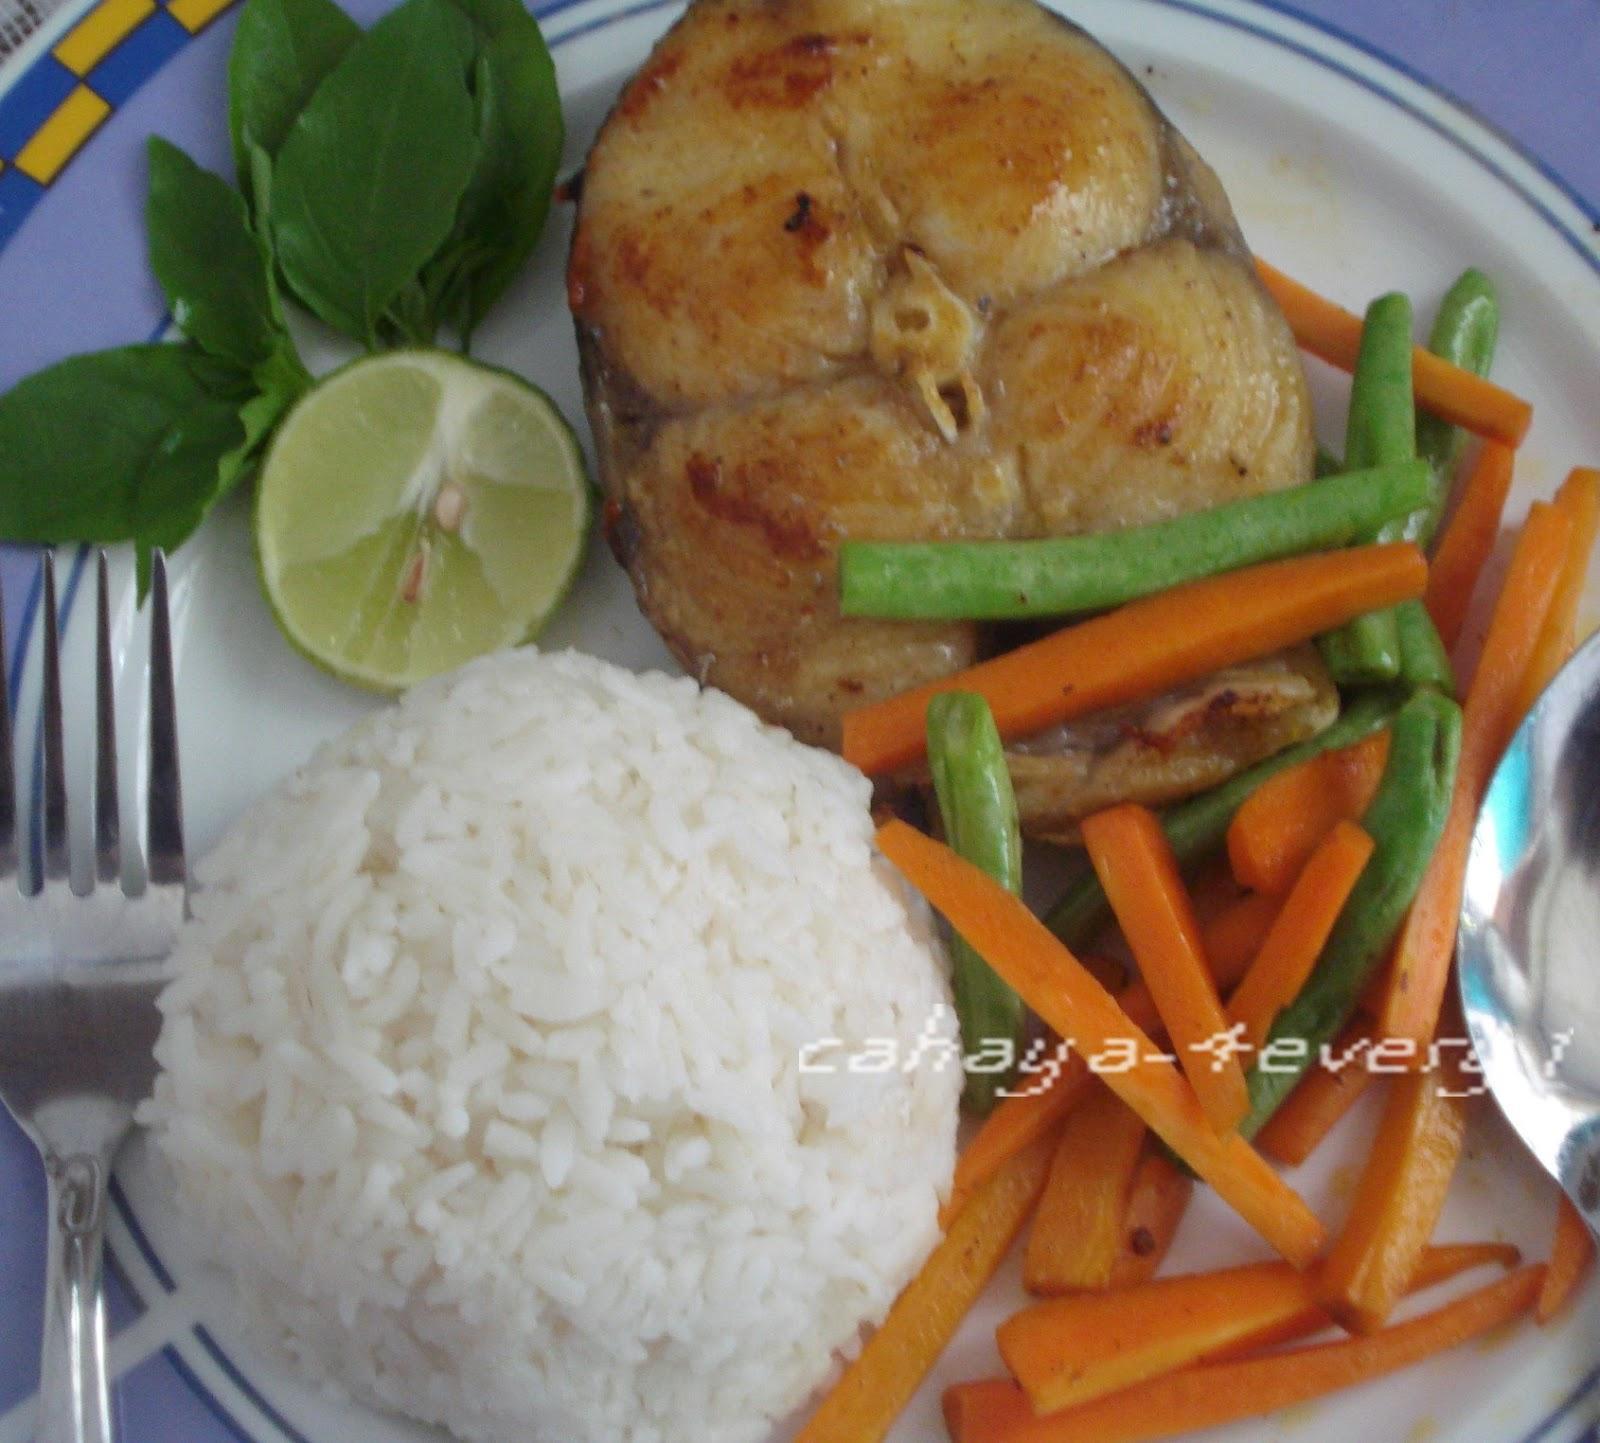 RUMAHKUBAHAGIAKU: Resep Ikan patin panggang dan goreng